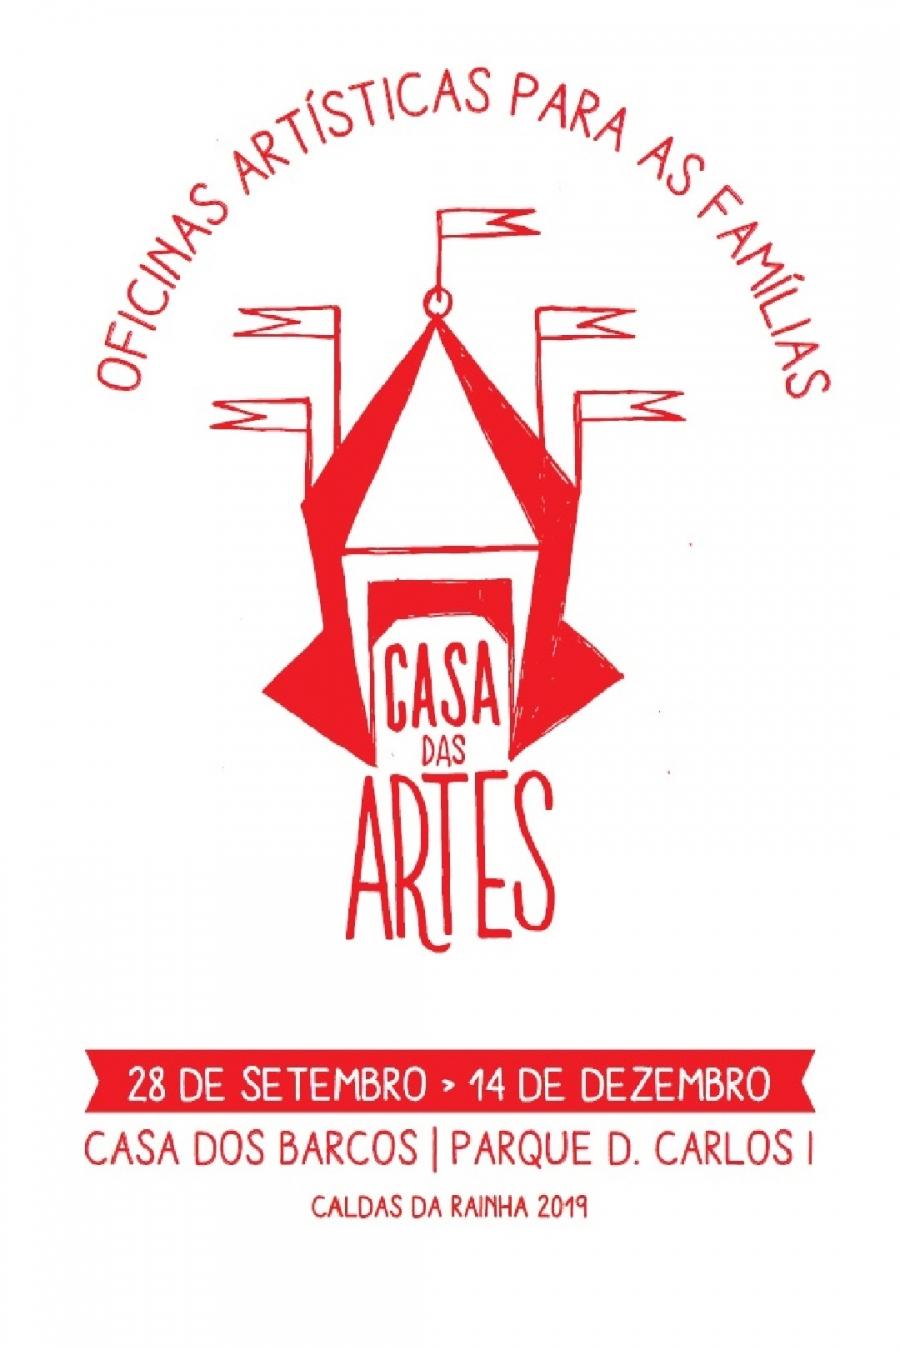 A CASA DAS ARTES